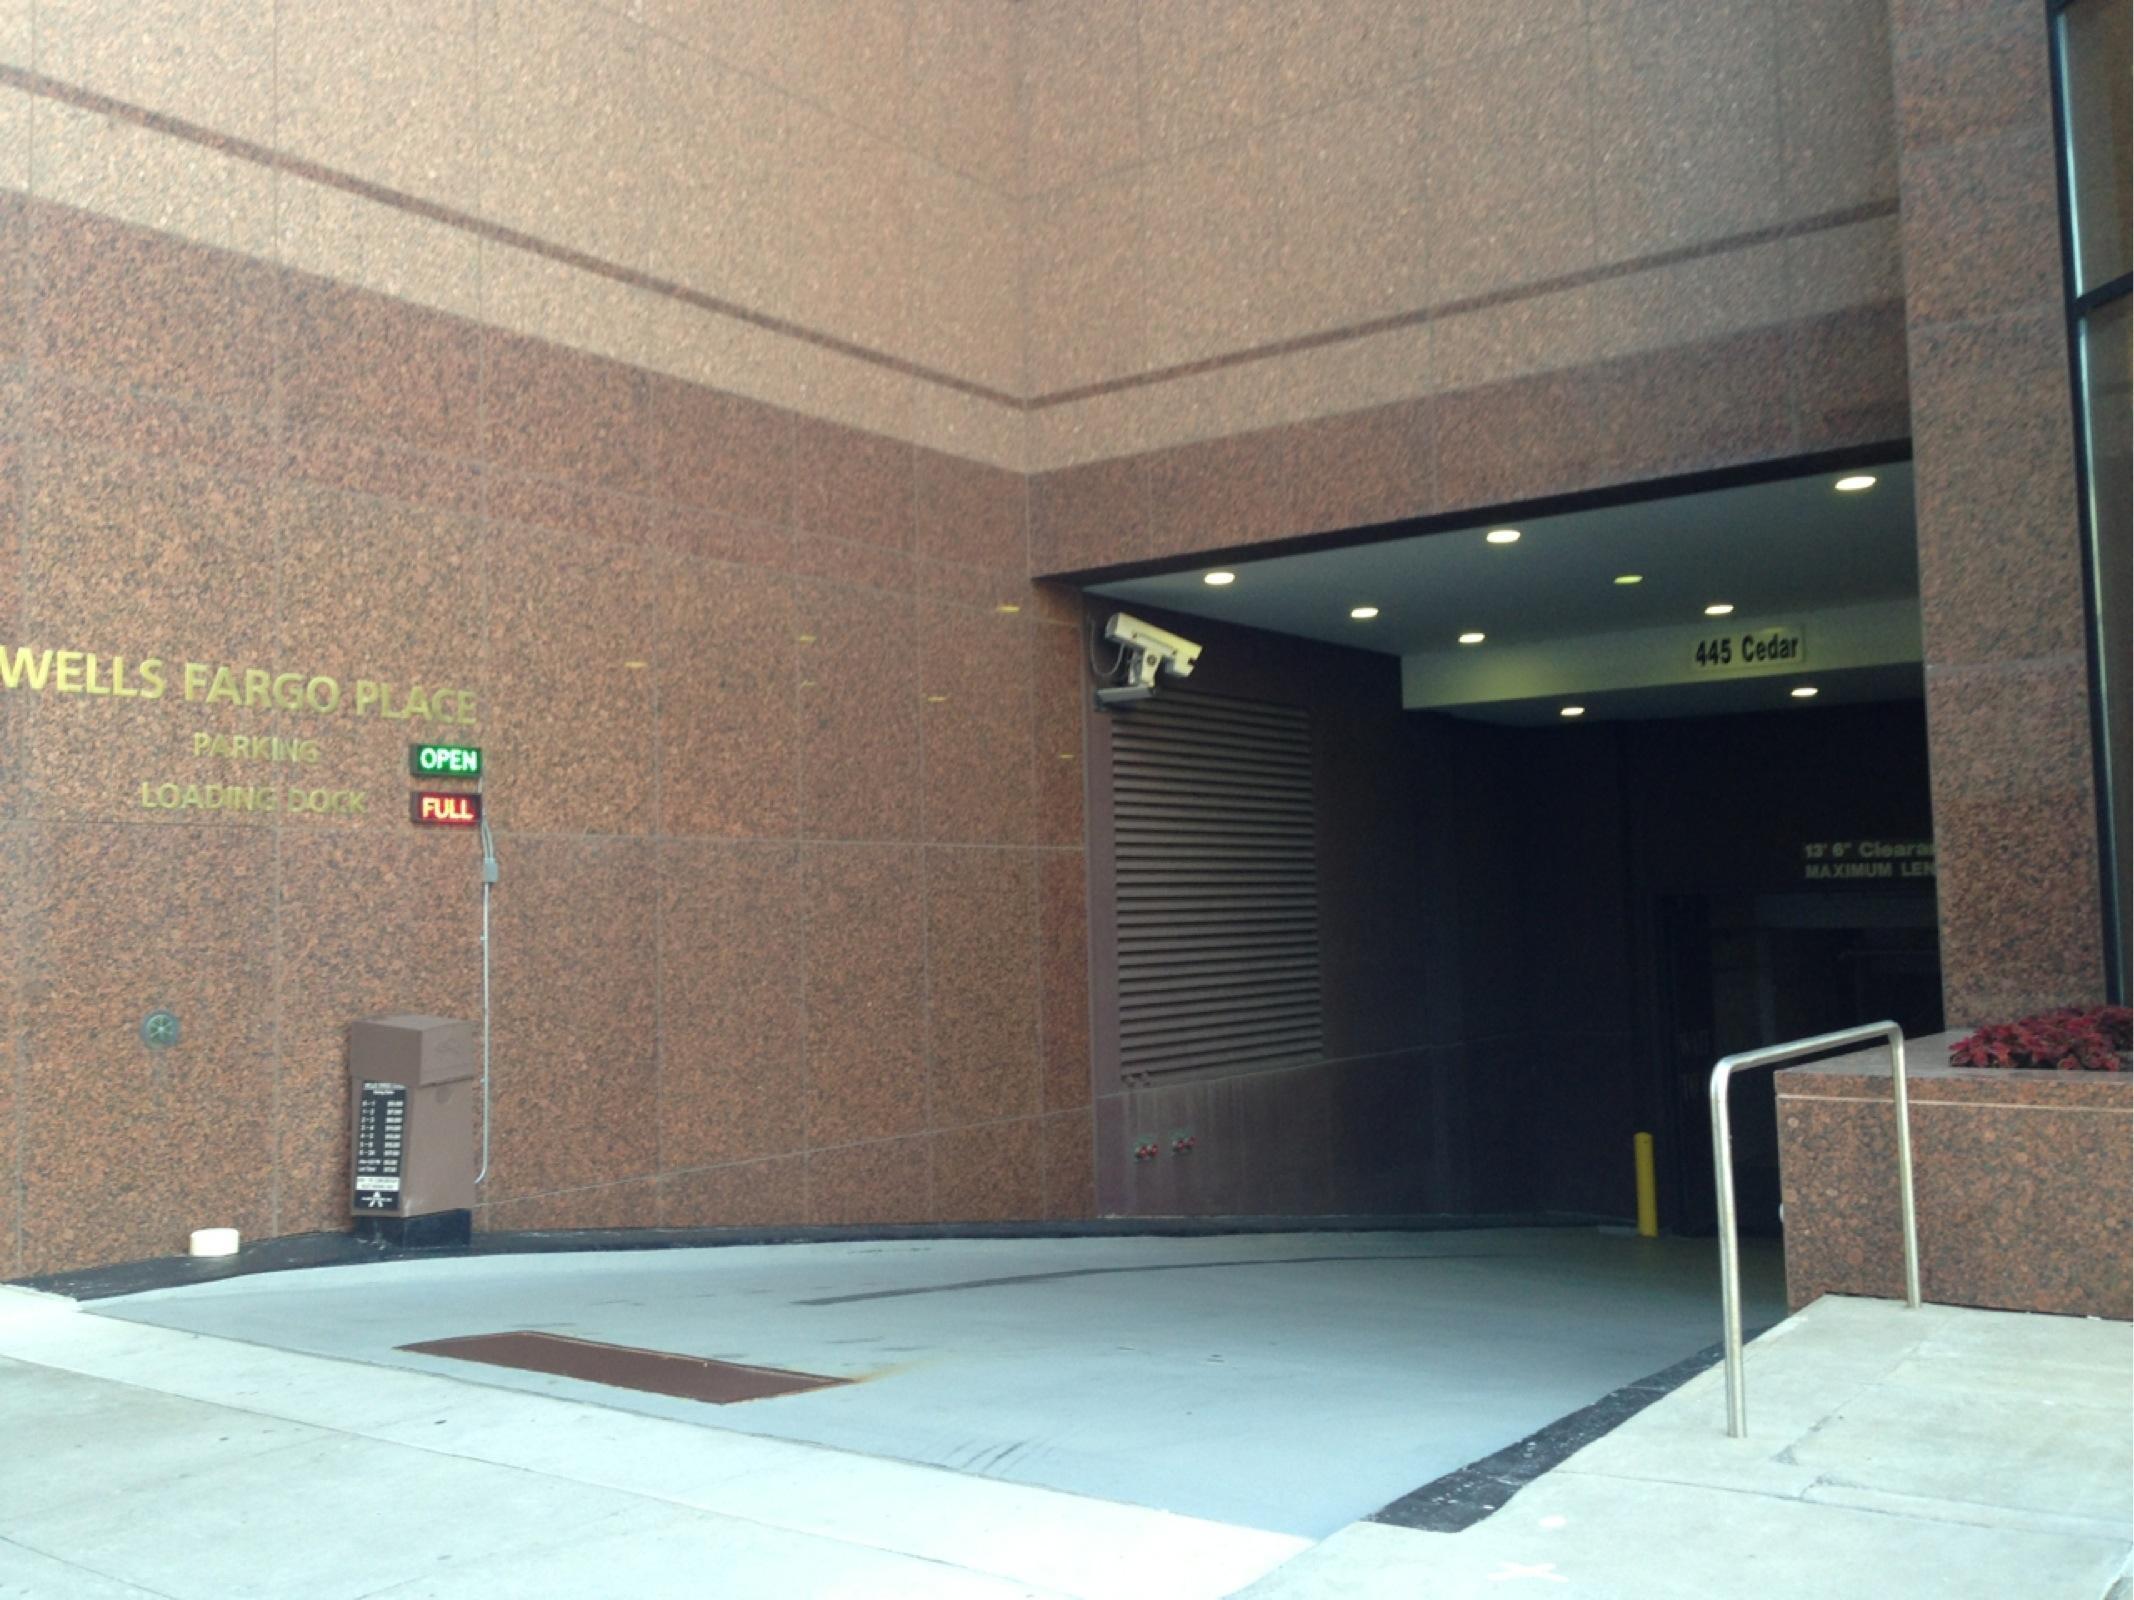 Estacionamentos 30 7th st e garage em saint paul parkme for Rangements garage saint paul